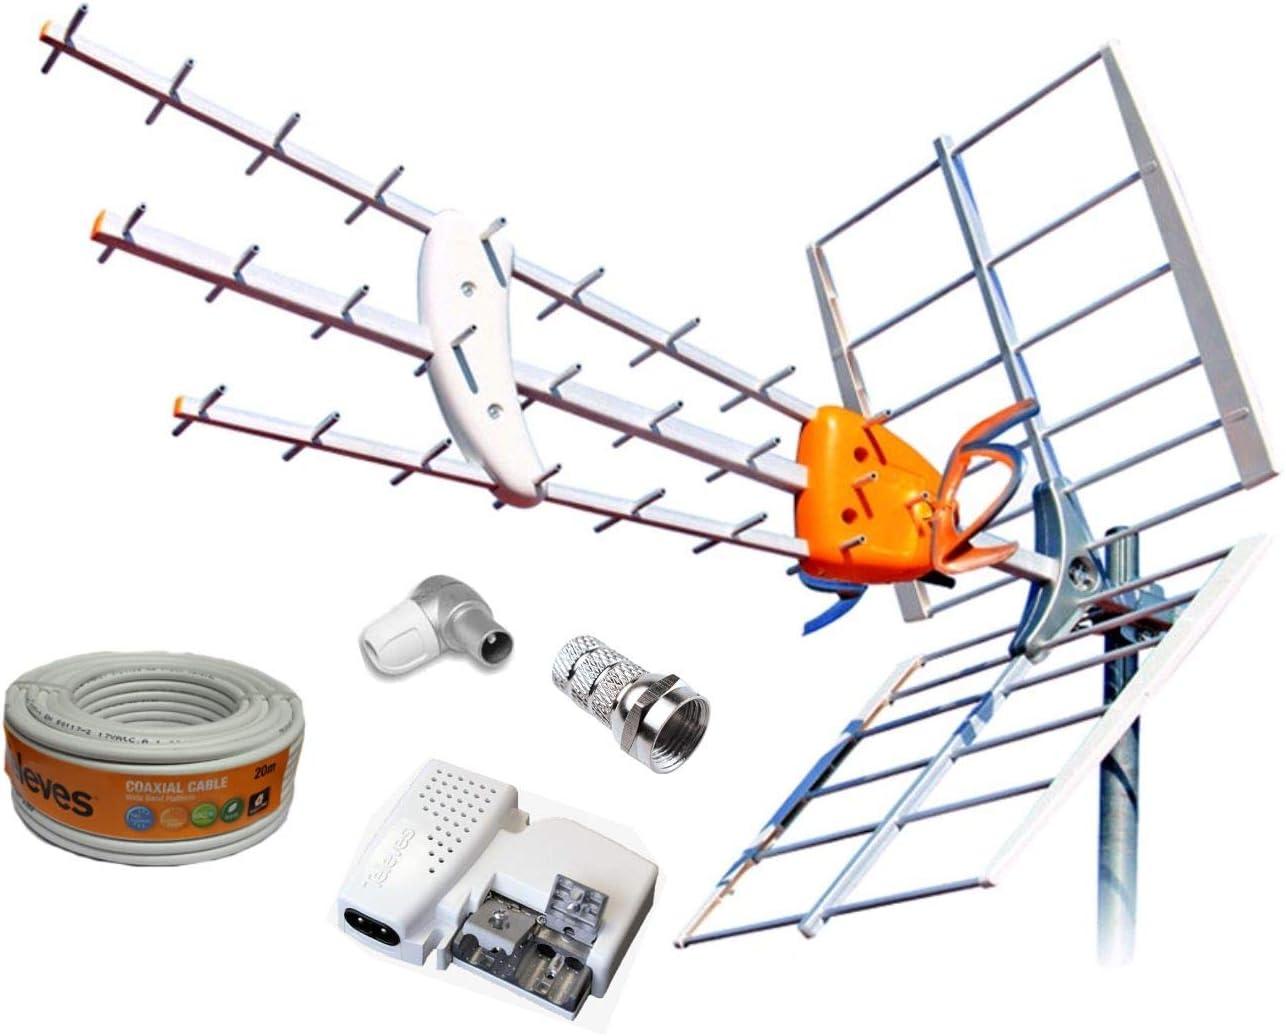 Kit Creado por TECNOVOZ de la Marca Antena TELEVES HD 149922 (Corte 700 MHz ch 21-48)+20MT Cable+Fuente TELEVES 5795 +Conectores DE Antena Tipo FY CEI ...